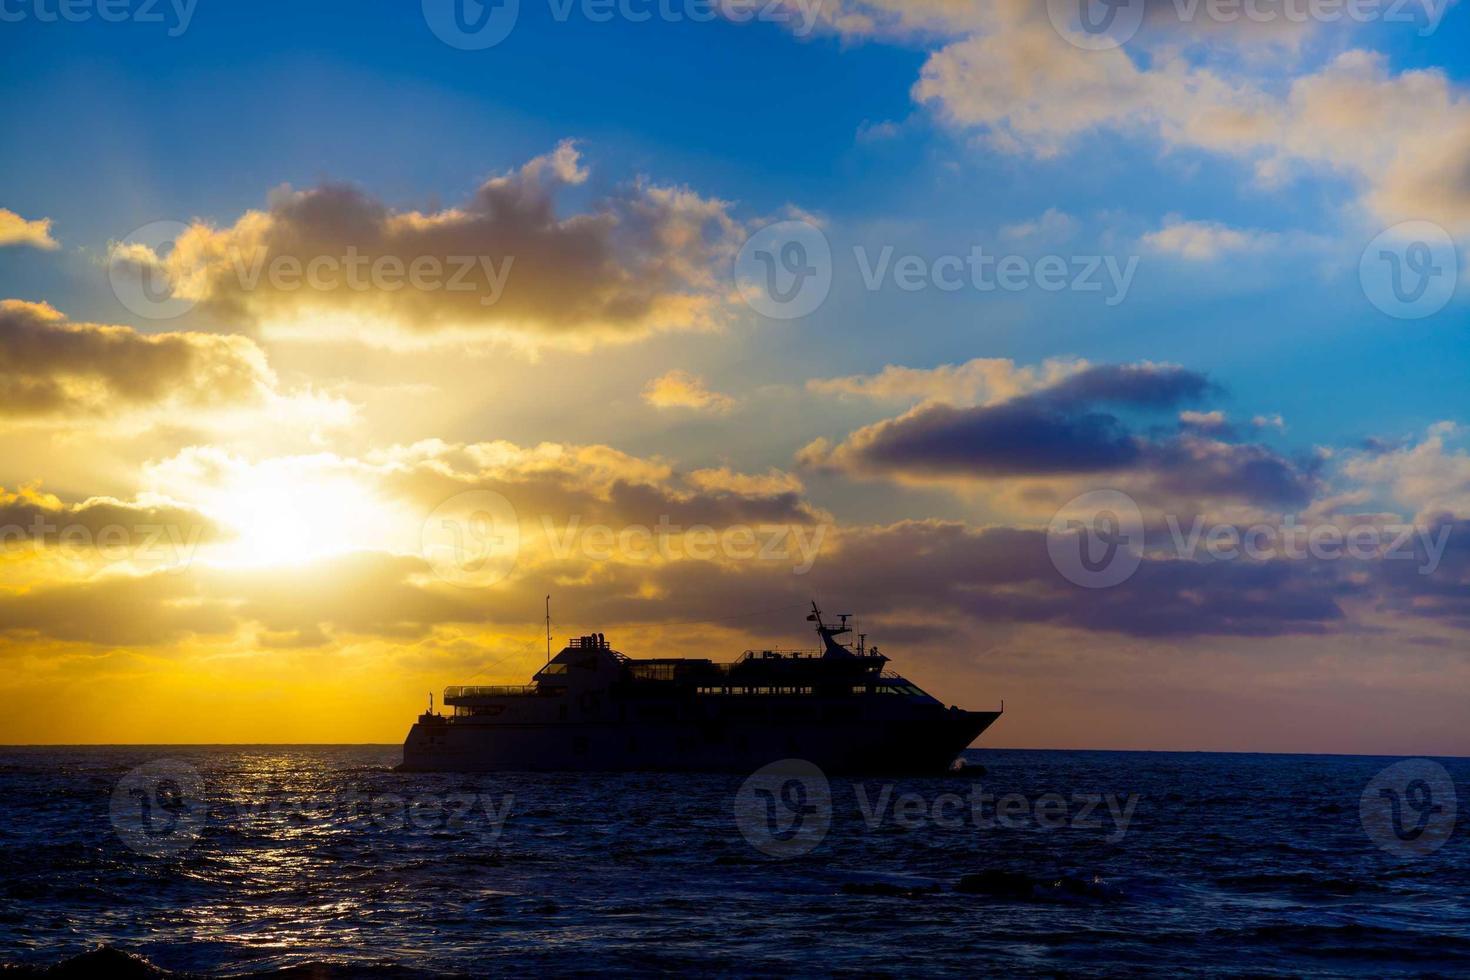 Touristenliner im Meer bei Sonnenuntergang foto